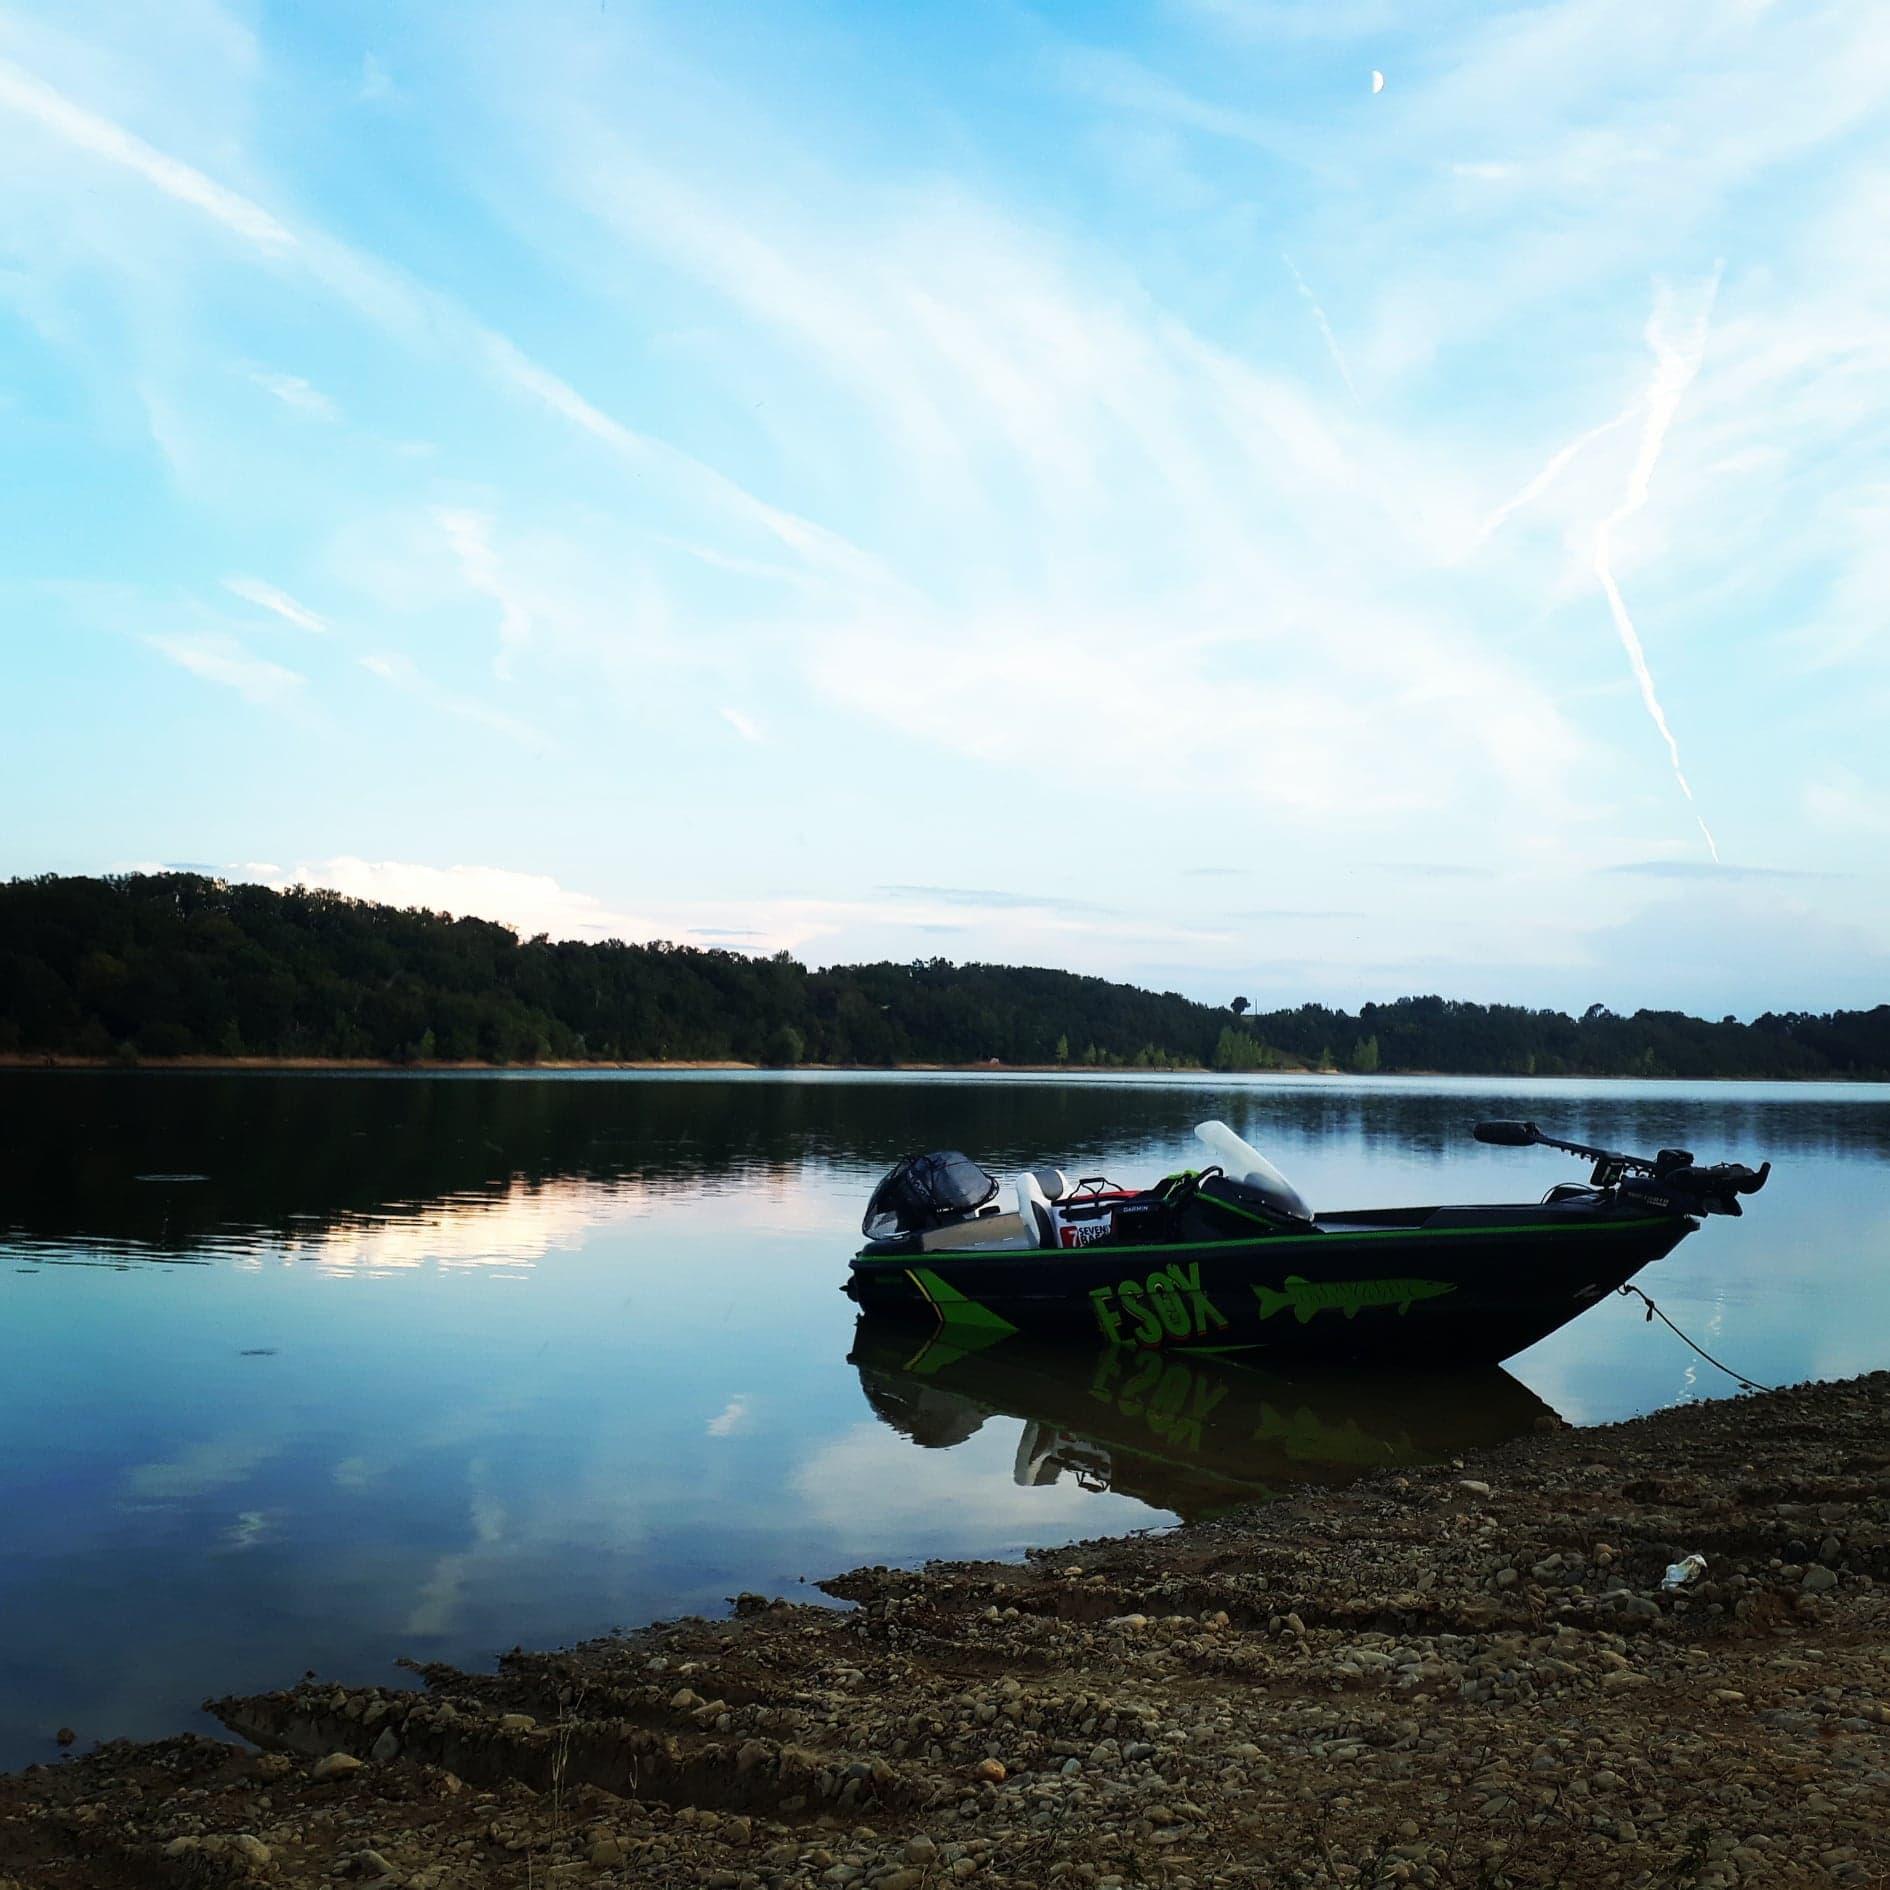 Bateau de pêche (Bassboat)